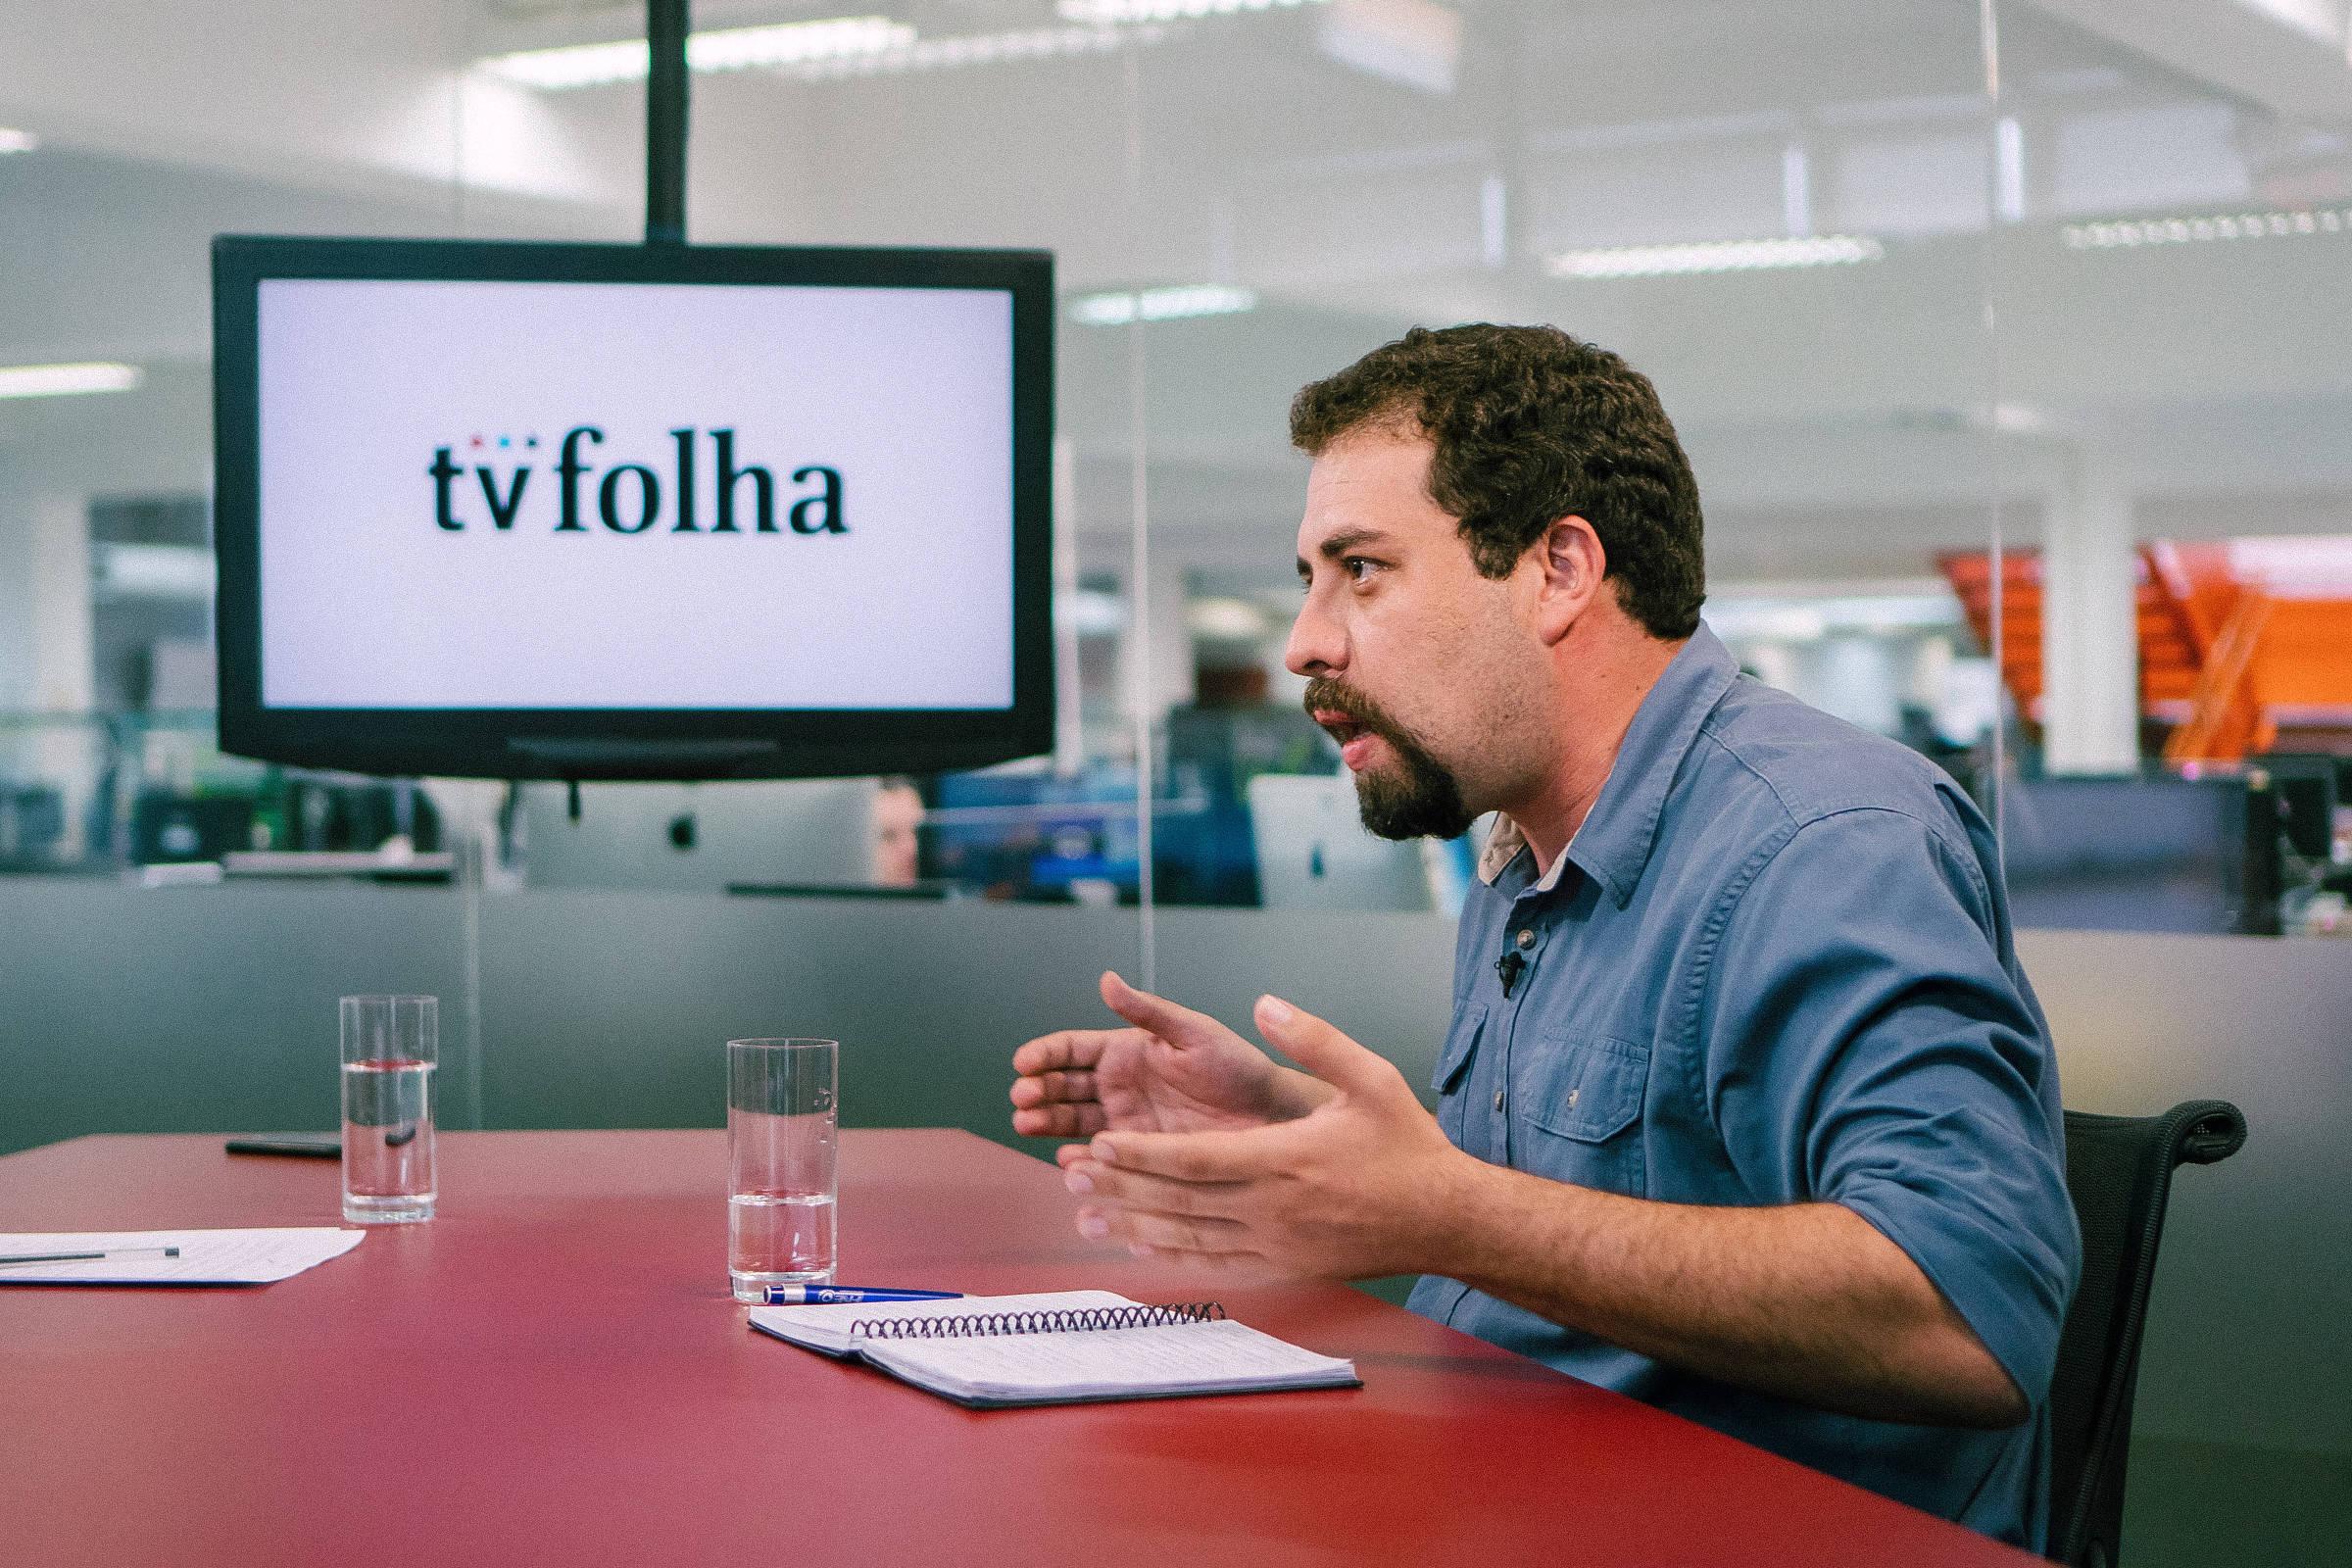 Guilherme Boulos responde a pergunta no estúdio da TV Folha, em São Paulo